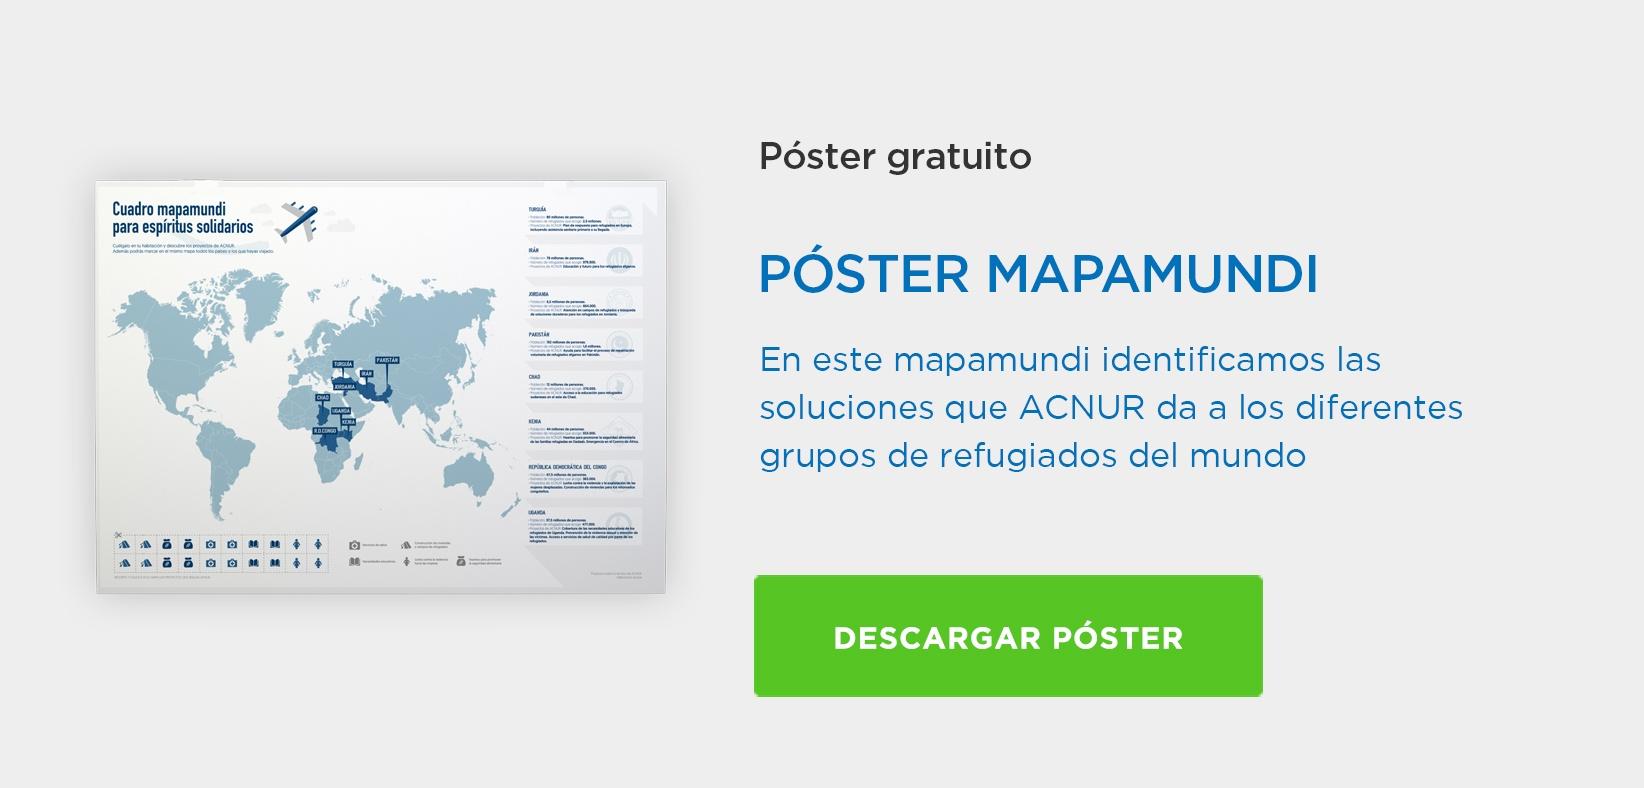 Póstergratis'Cuadro mapamundi para espíritus solidarios' [Descarga gratis el póster con el mapamundi y cuélgalo a tu pared]